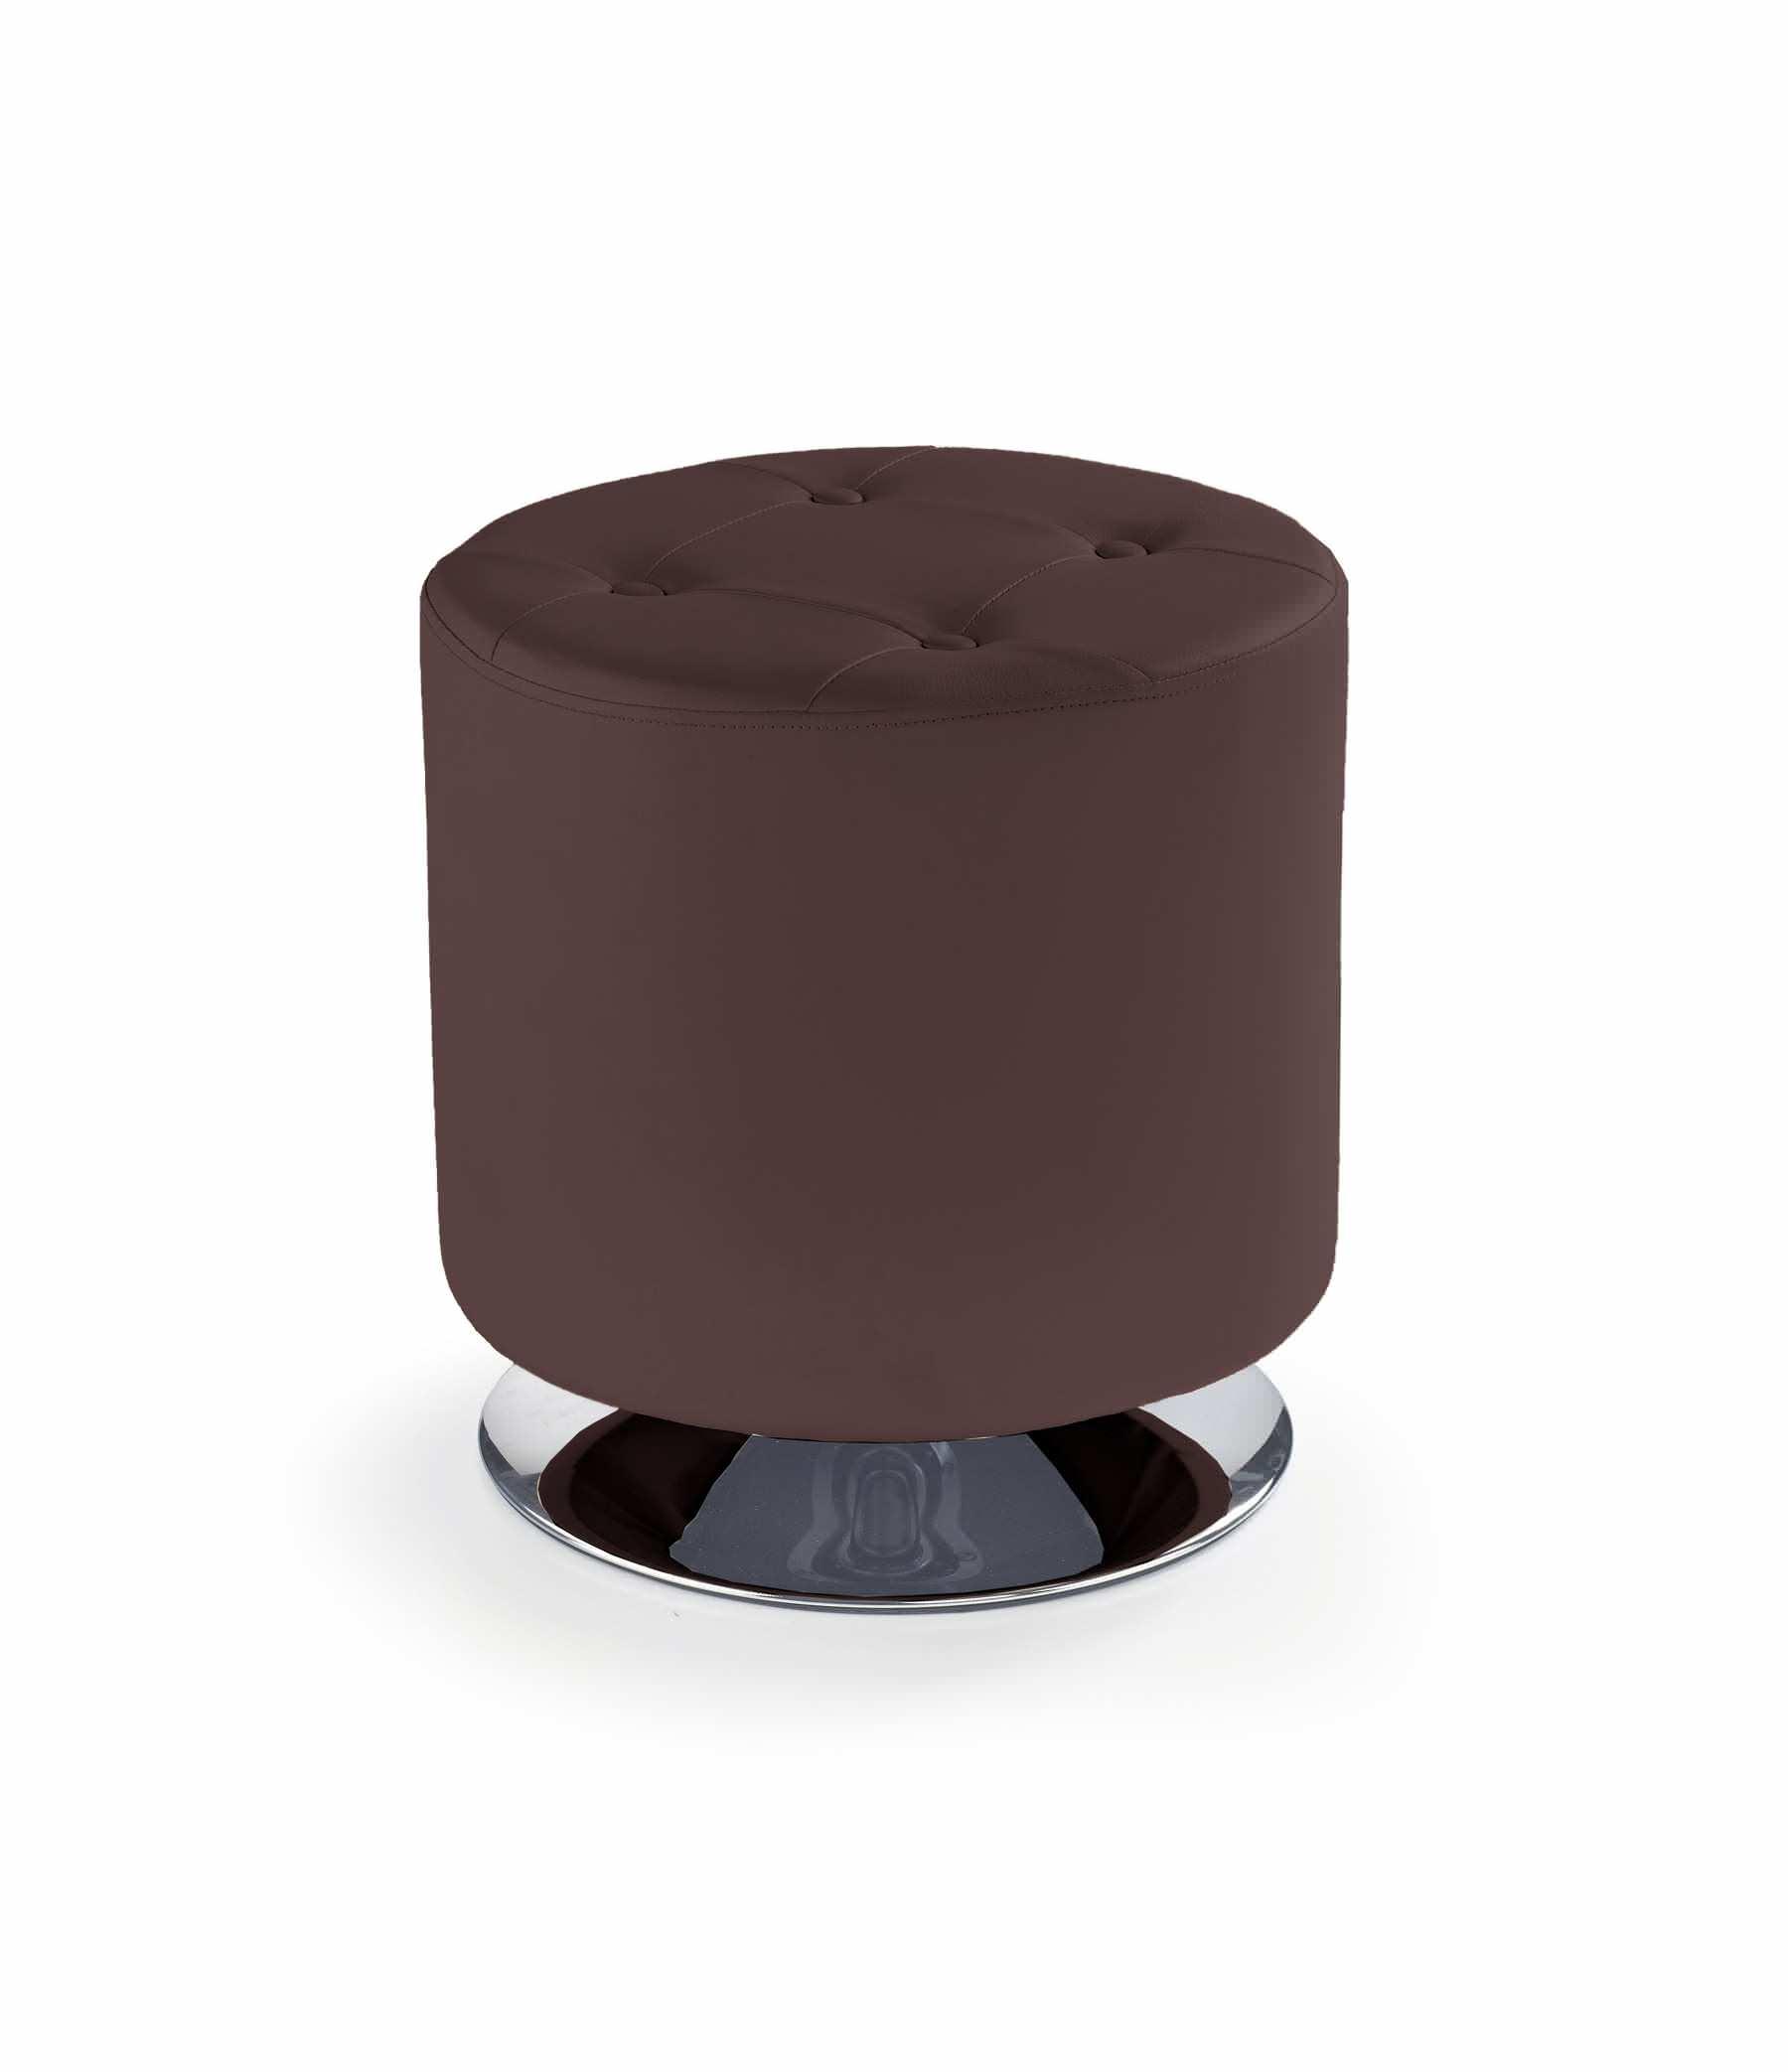 Пуф HALMAR DORA темно-коричневый - Апис плюс